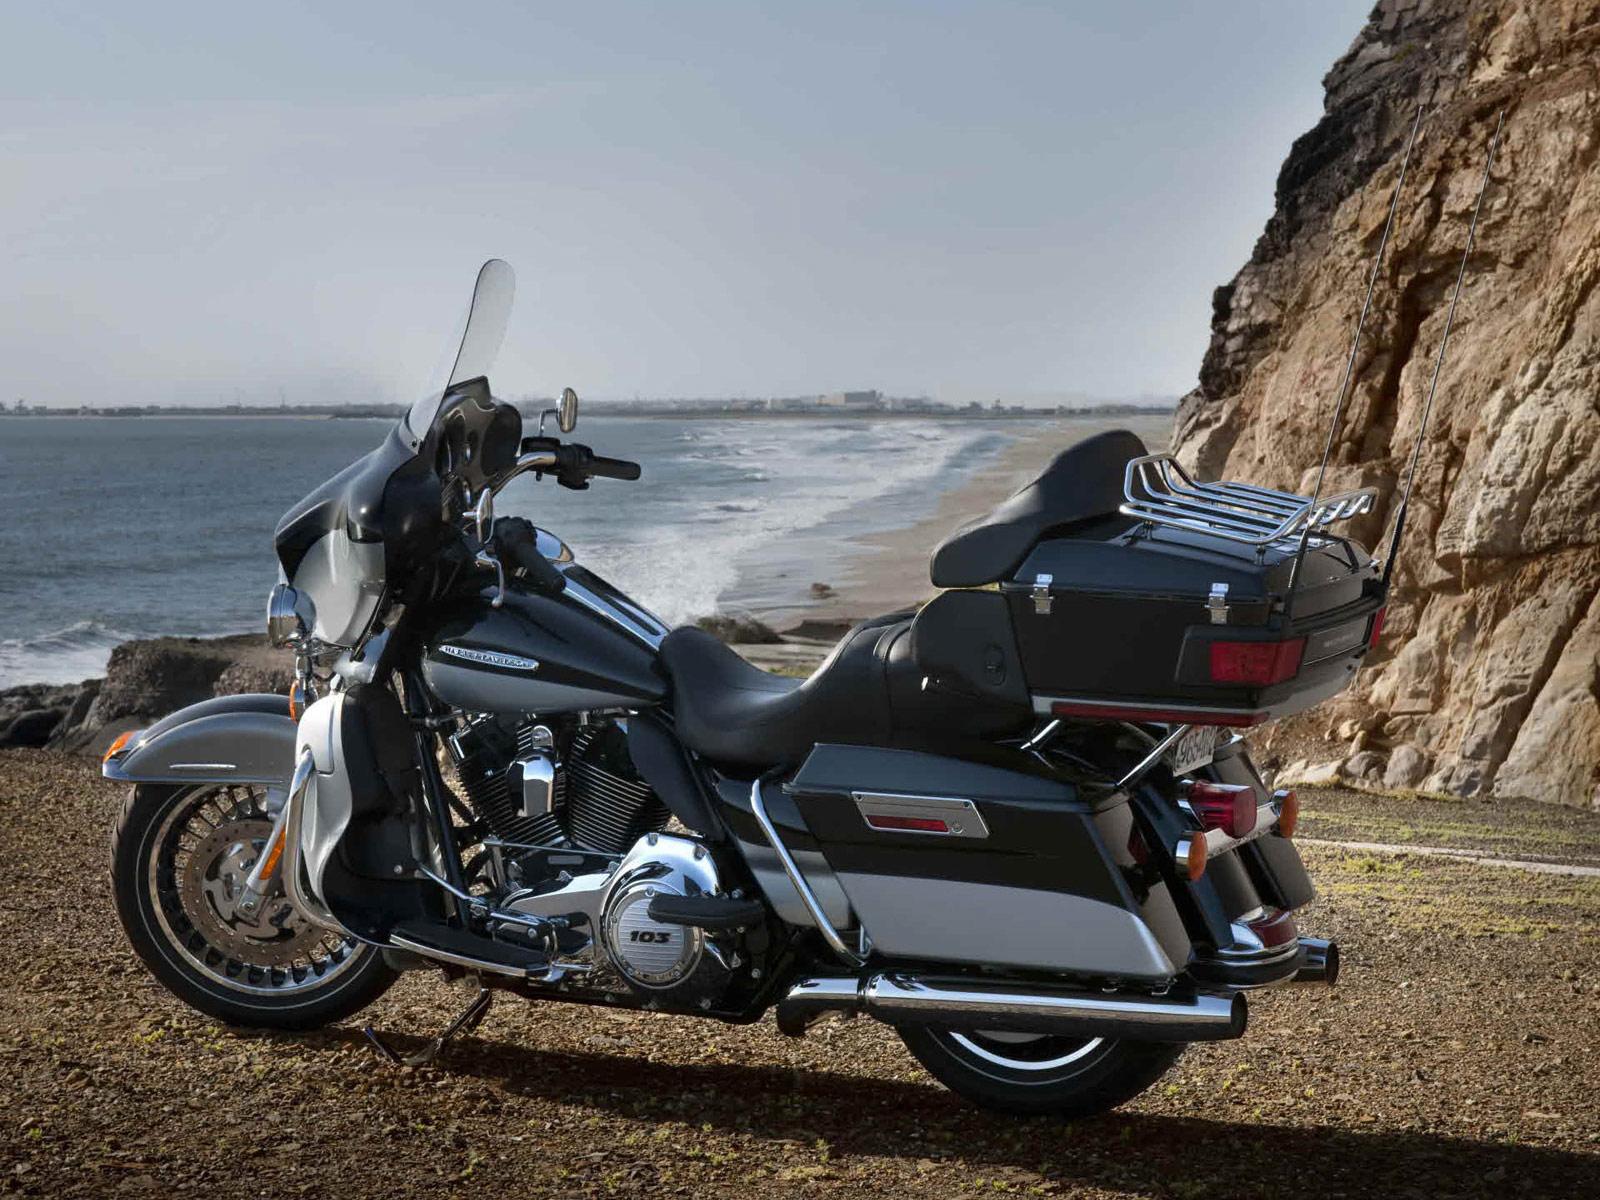 2012 HarleyDavidson FLHTK Electra Glide Ultra Limited